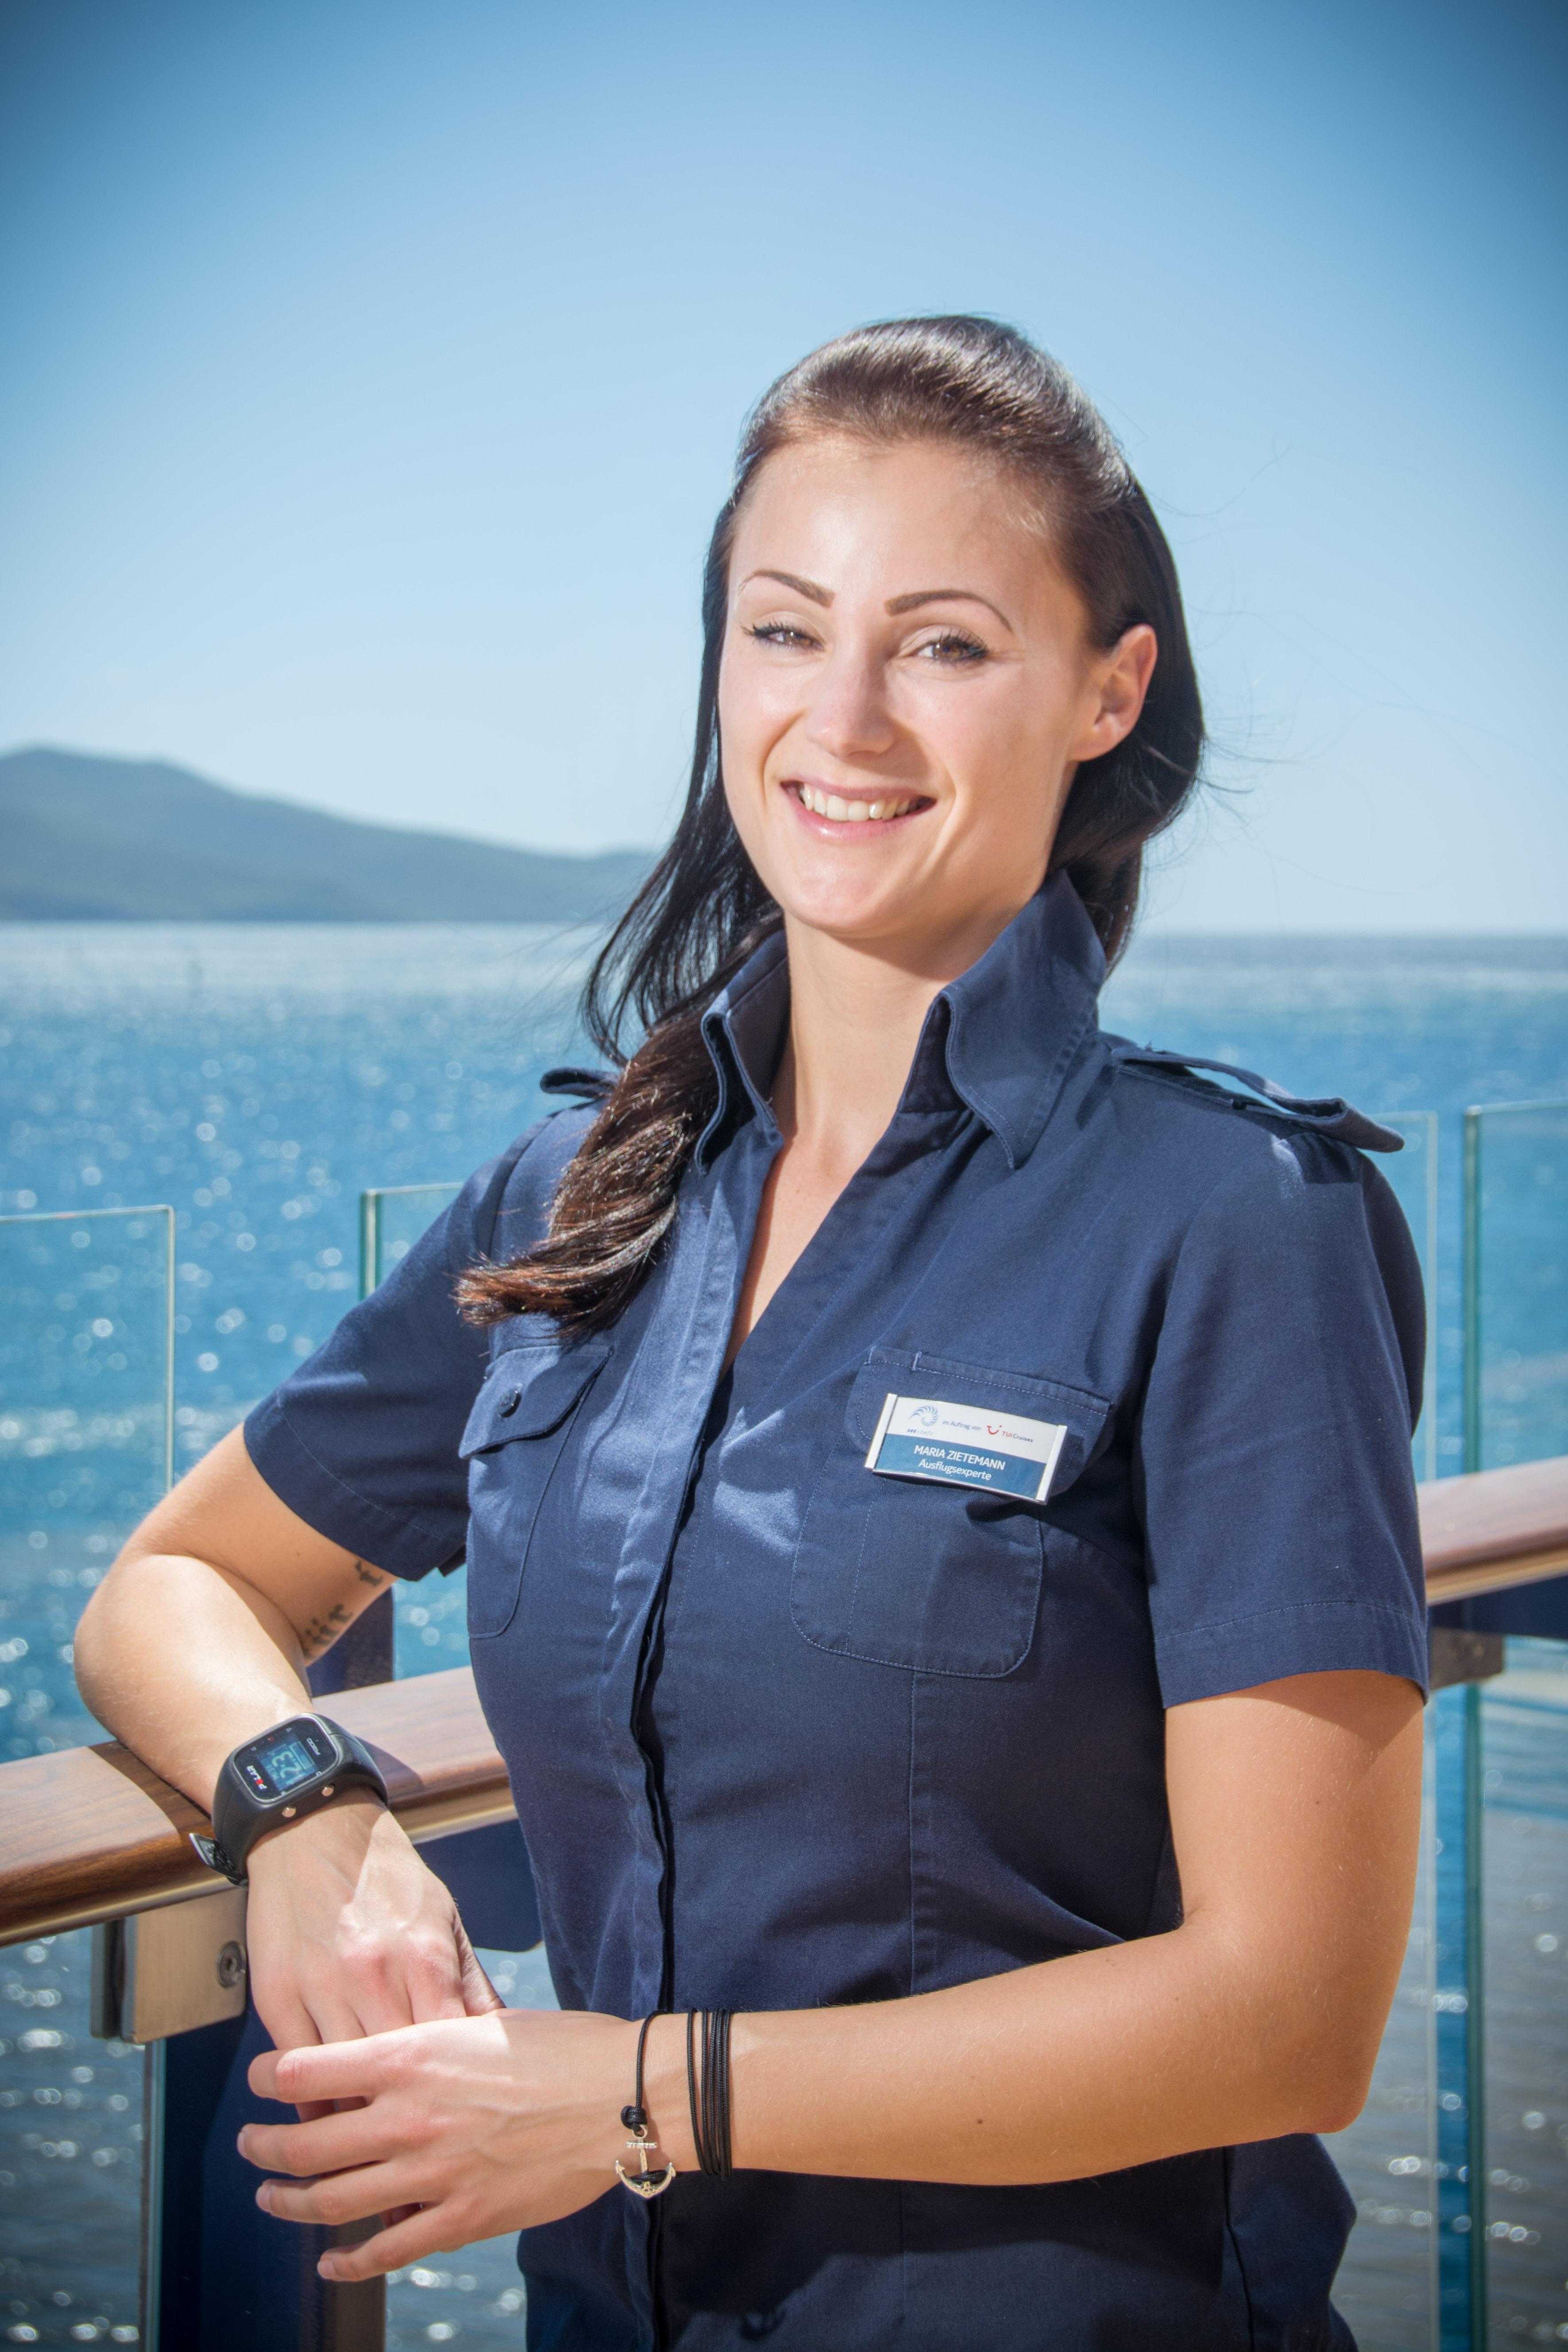 Mein Schiff Ausflugsexpertin Maria Zietemann